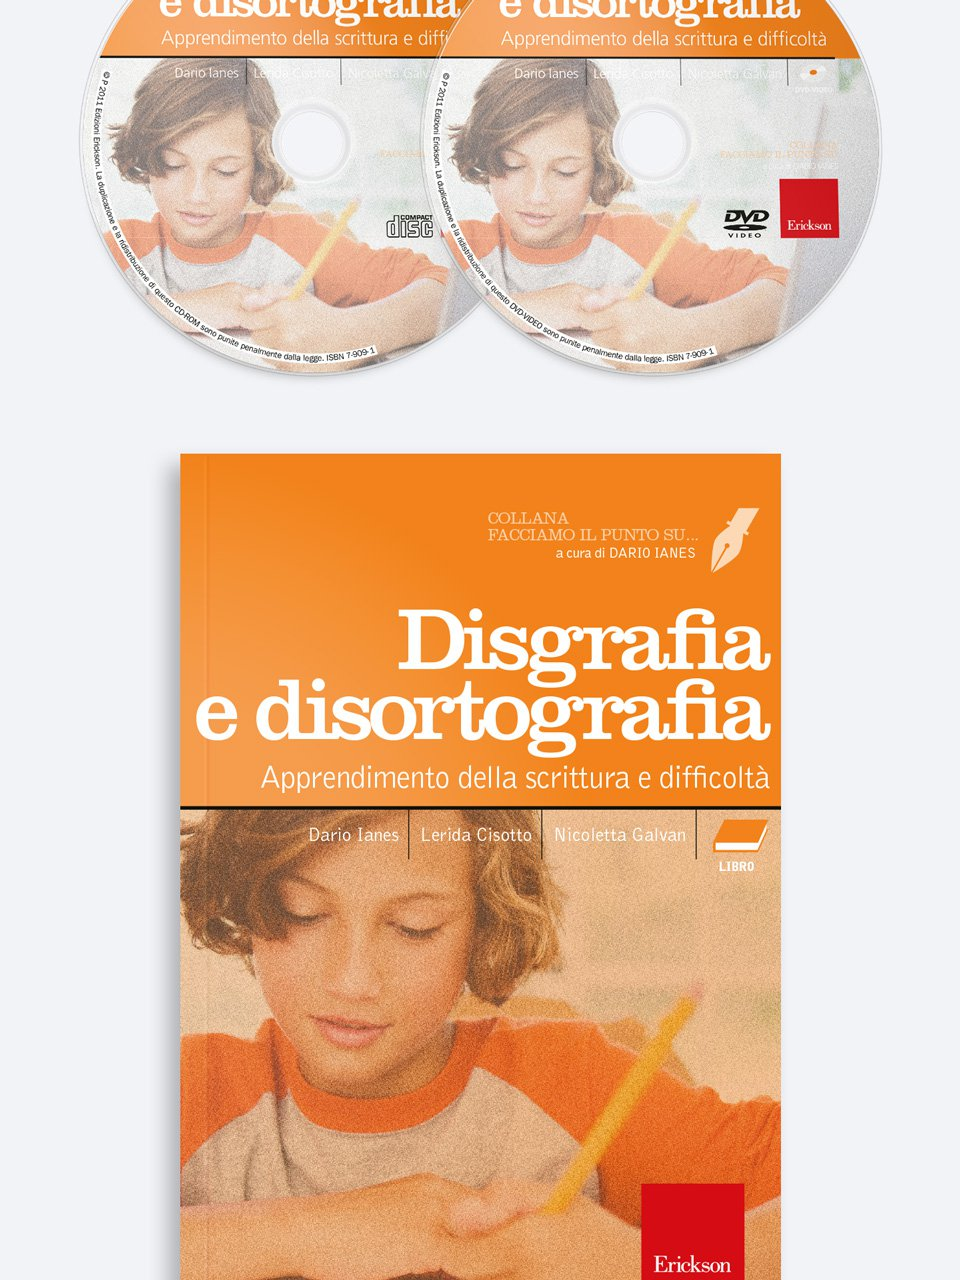 Facciamo il punto su... Disgrafia e disortografia - La valutazione inclusiva - Formazione - Erickson